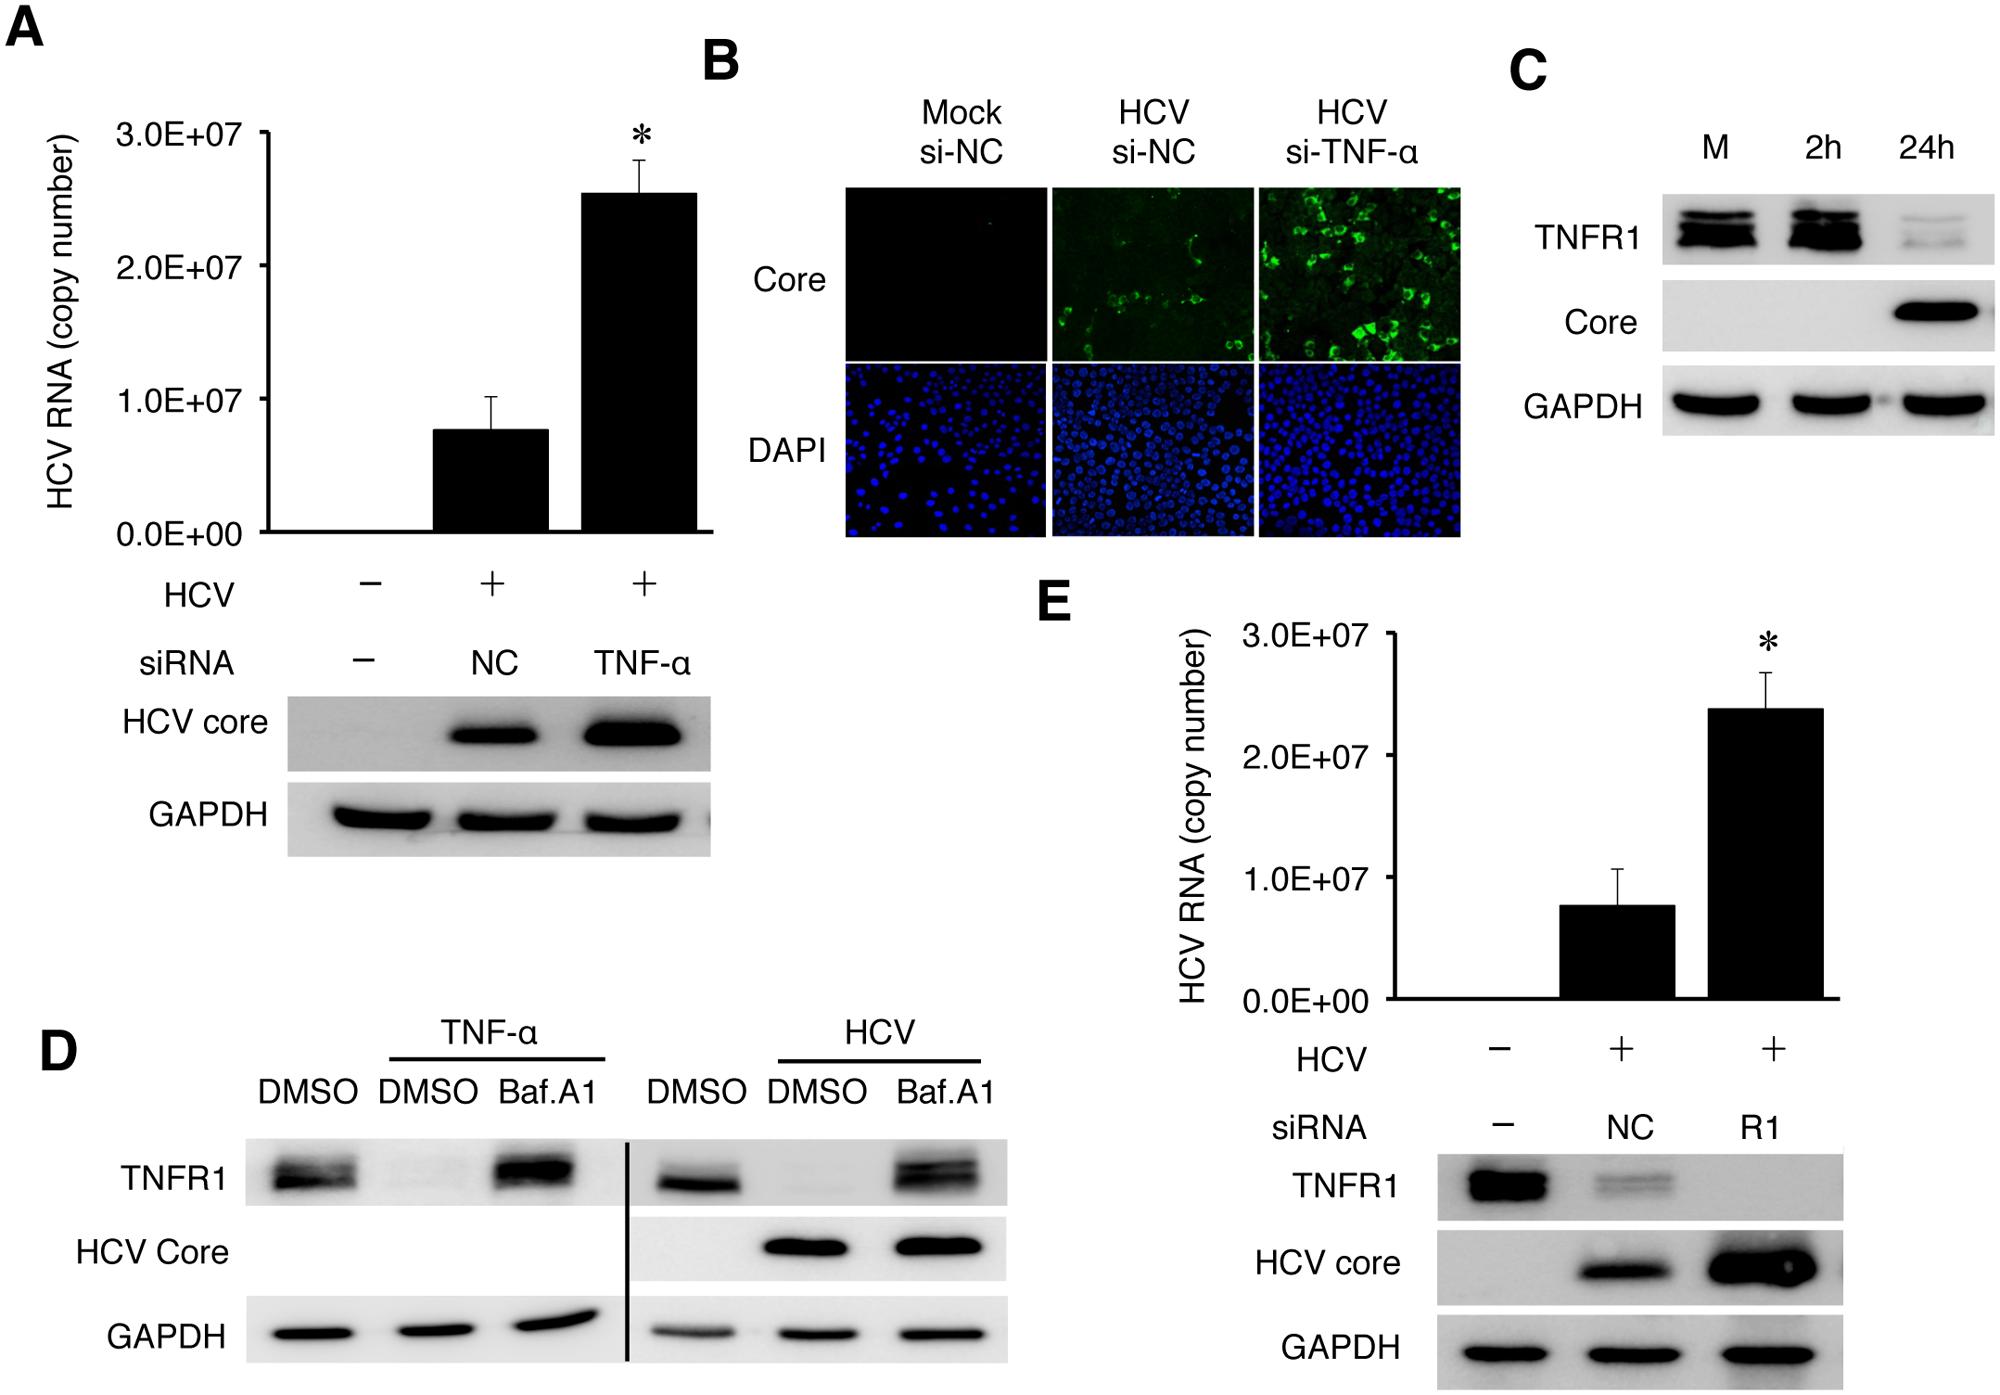 TNF-α knockdown enhanced HCV replication.